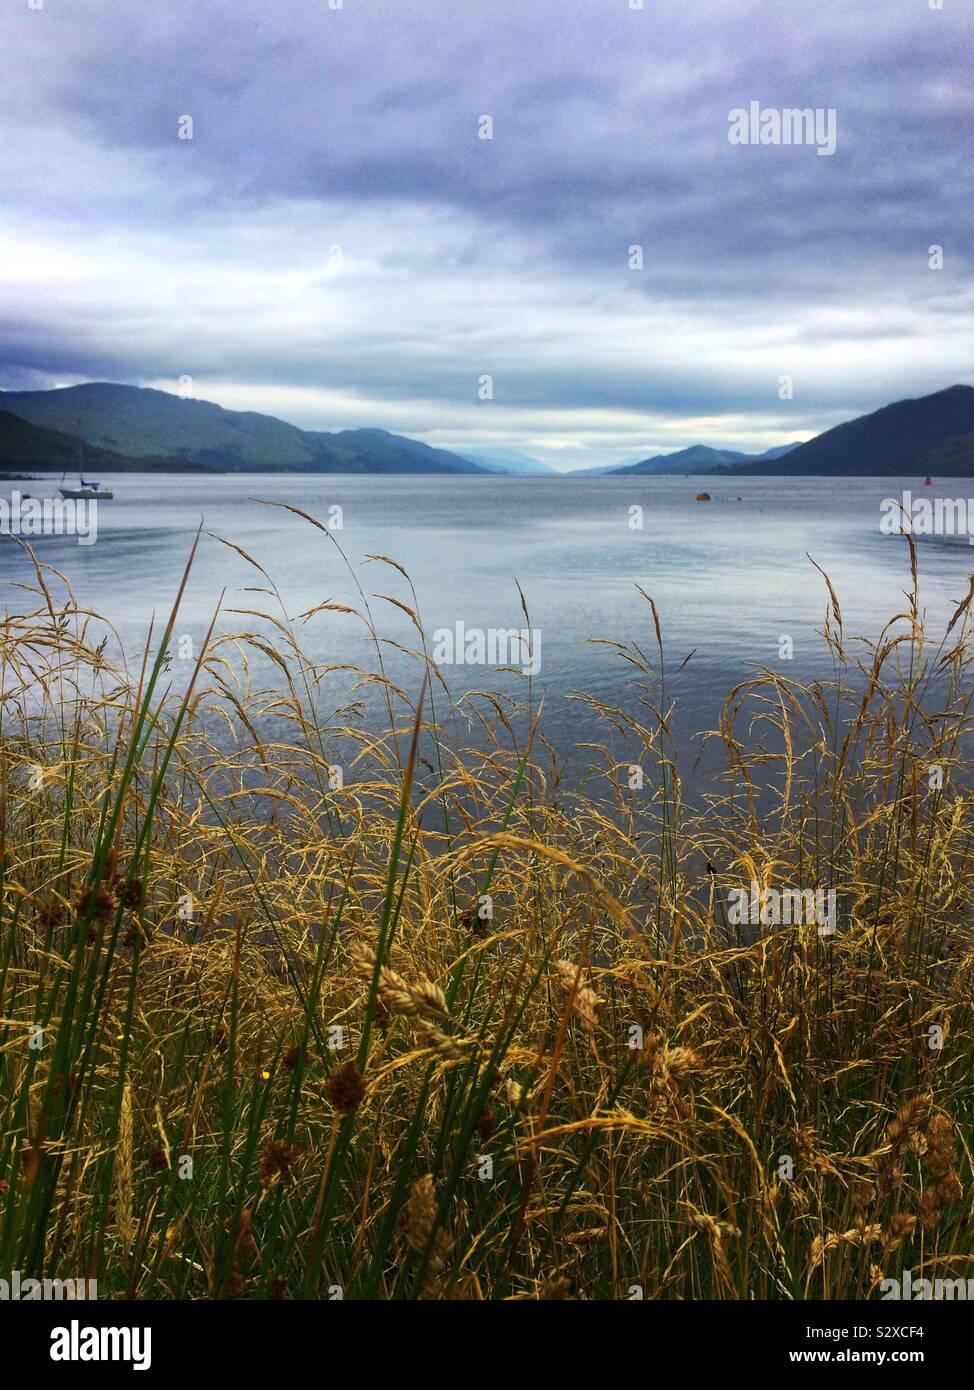 Tranquilidad sobre Loch Linnhe en el Scotish Highlands. Glencoe, Escocia Foto de stock